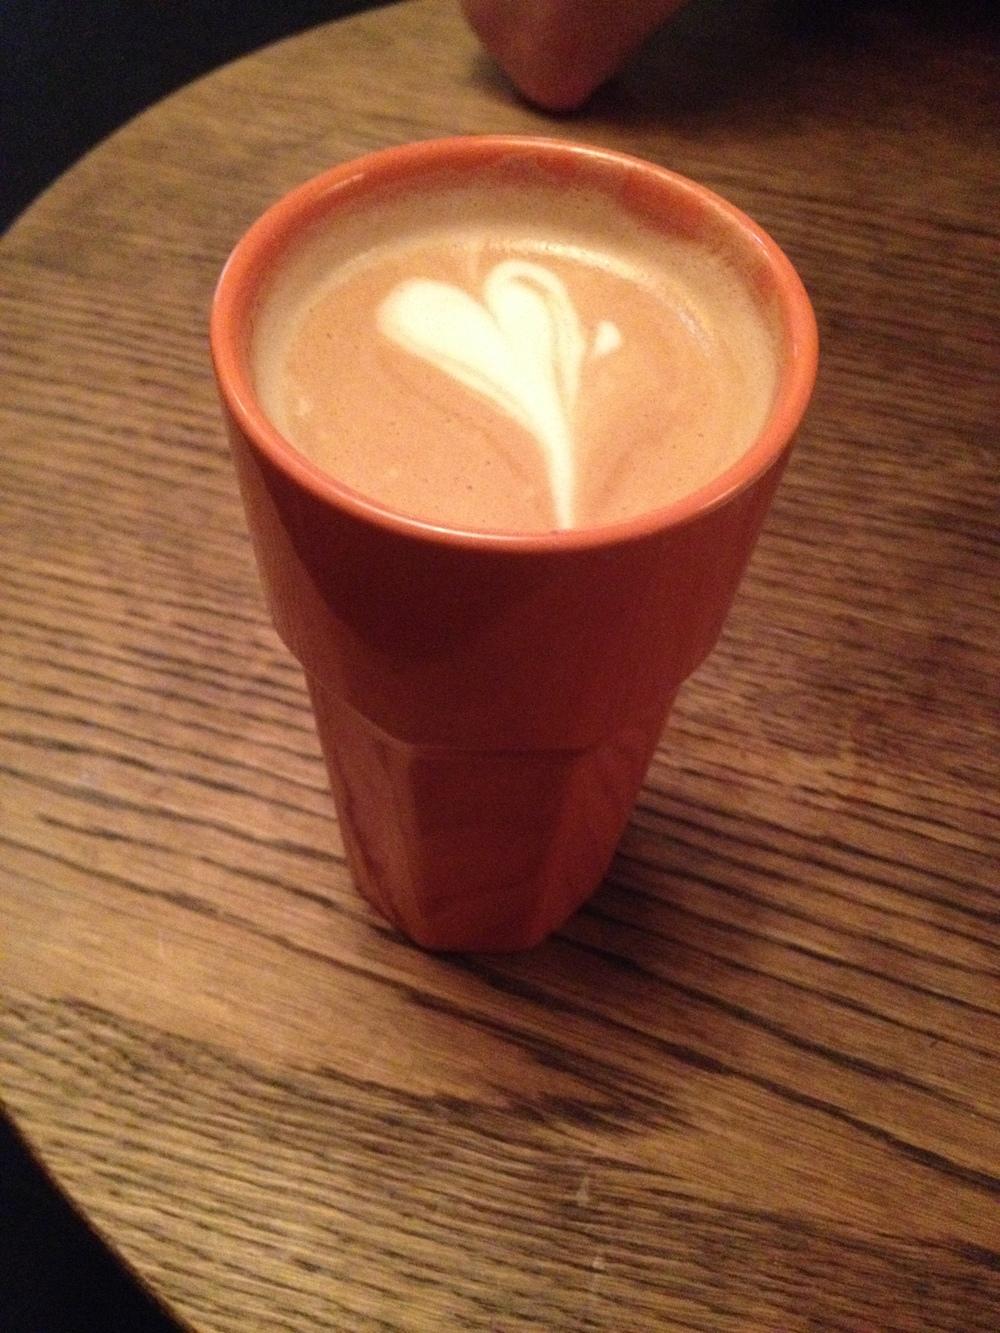 Condecco coffee